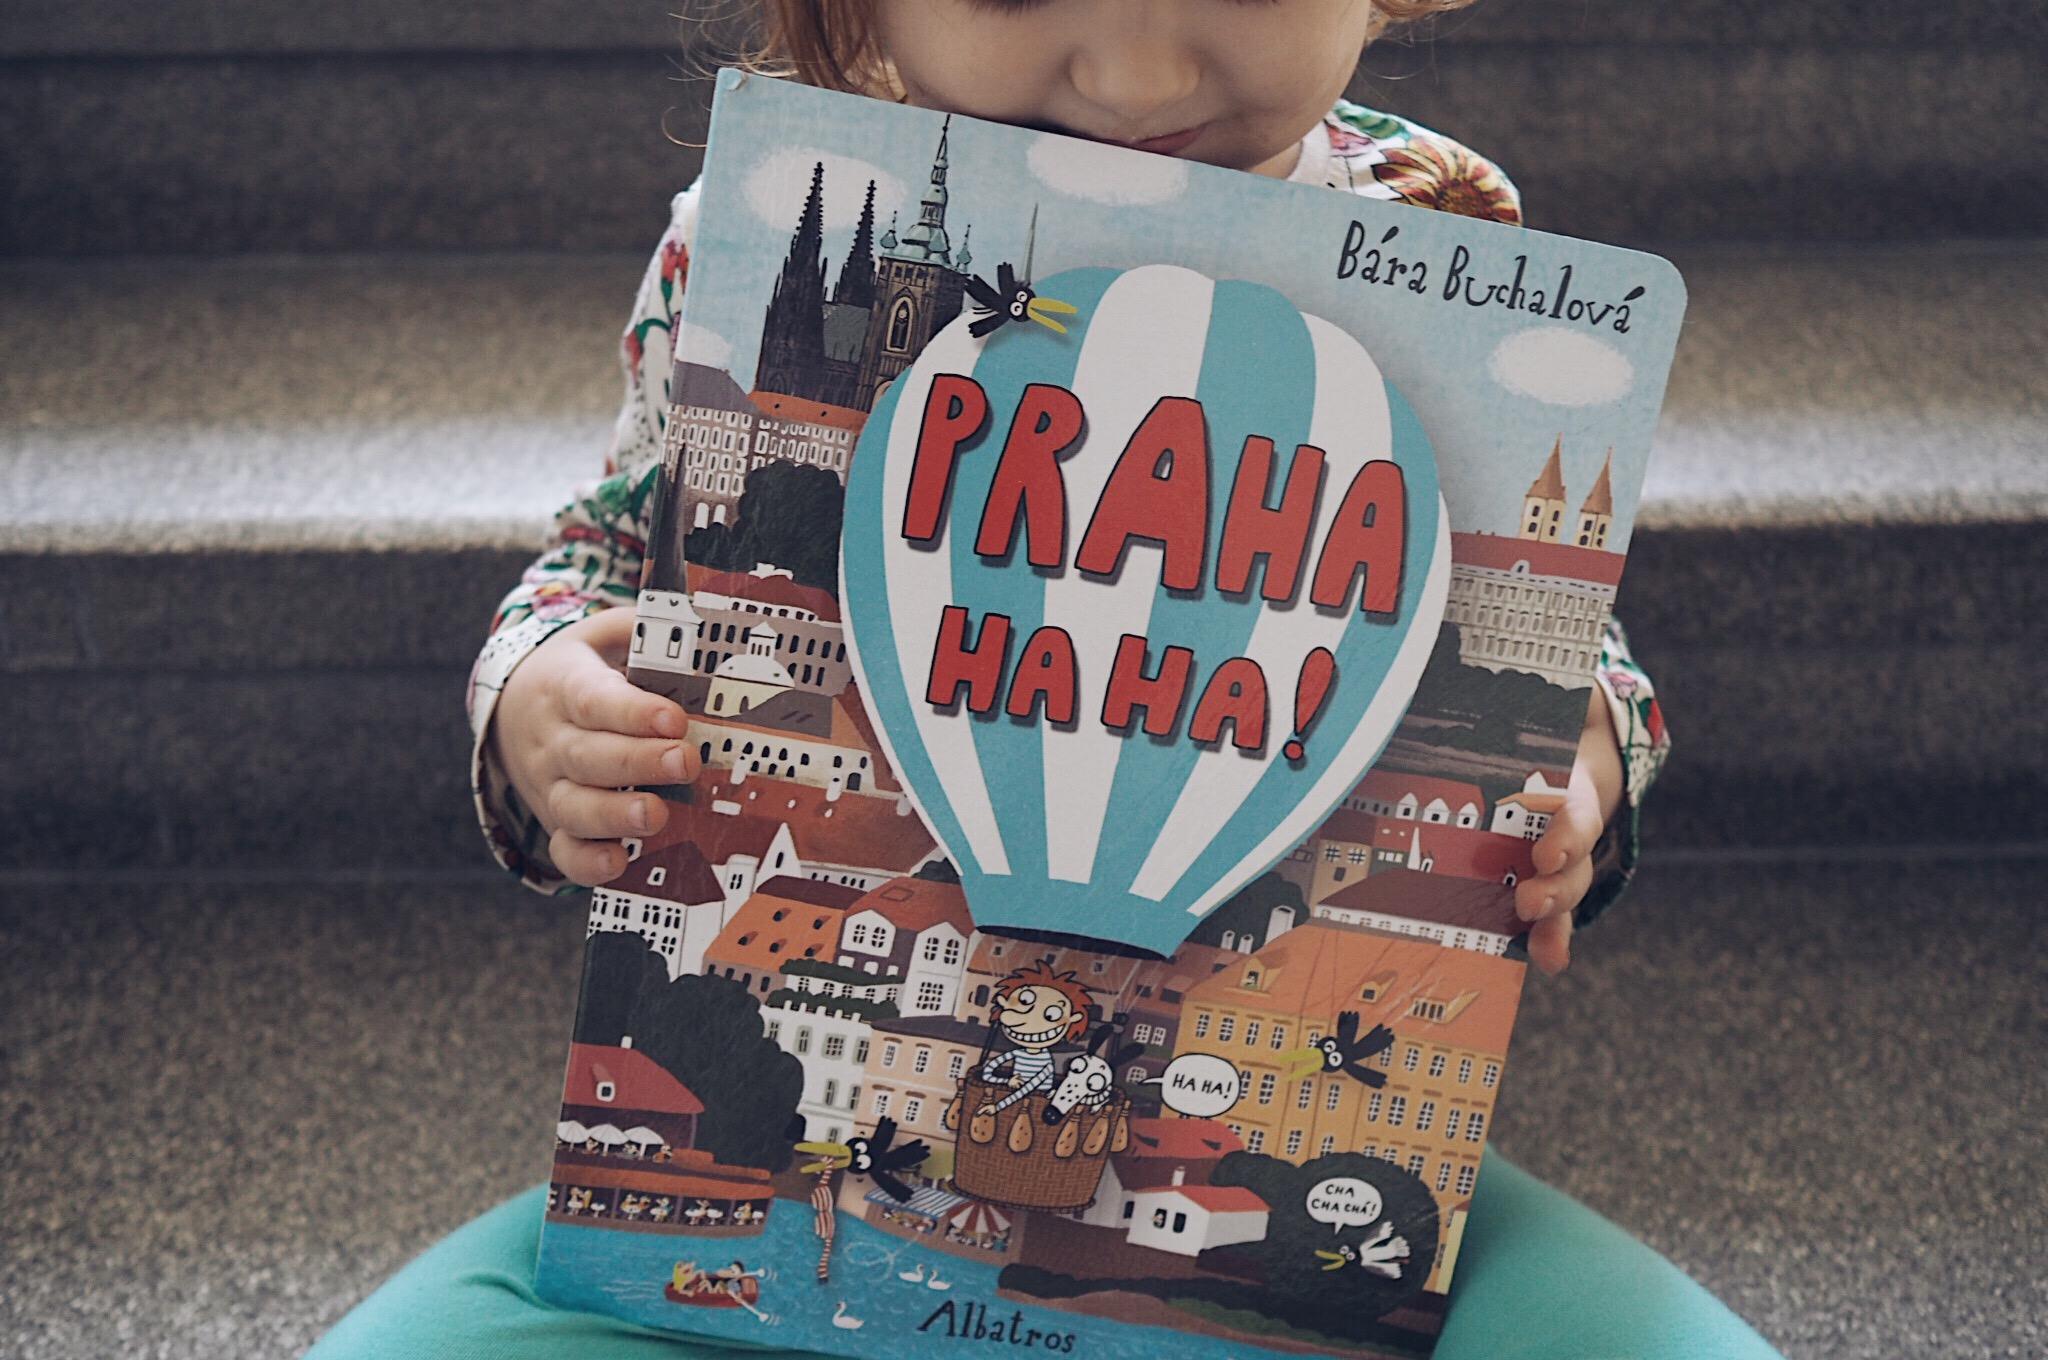 Knižní tipy od Jane Moravcové: Knihy na jaro pro děti i pro dospělé